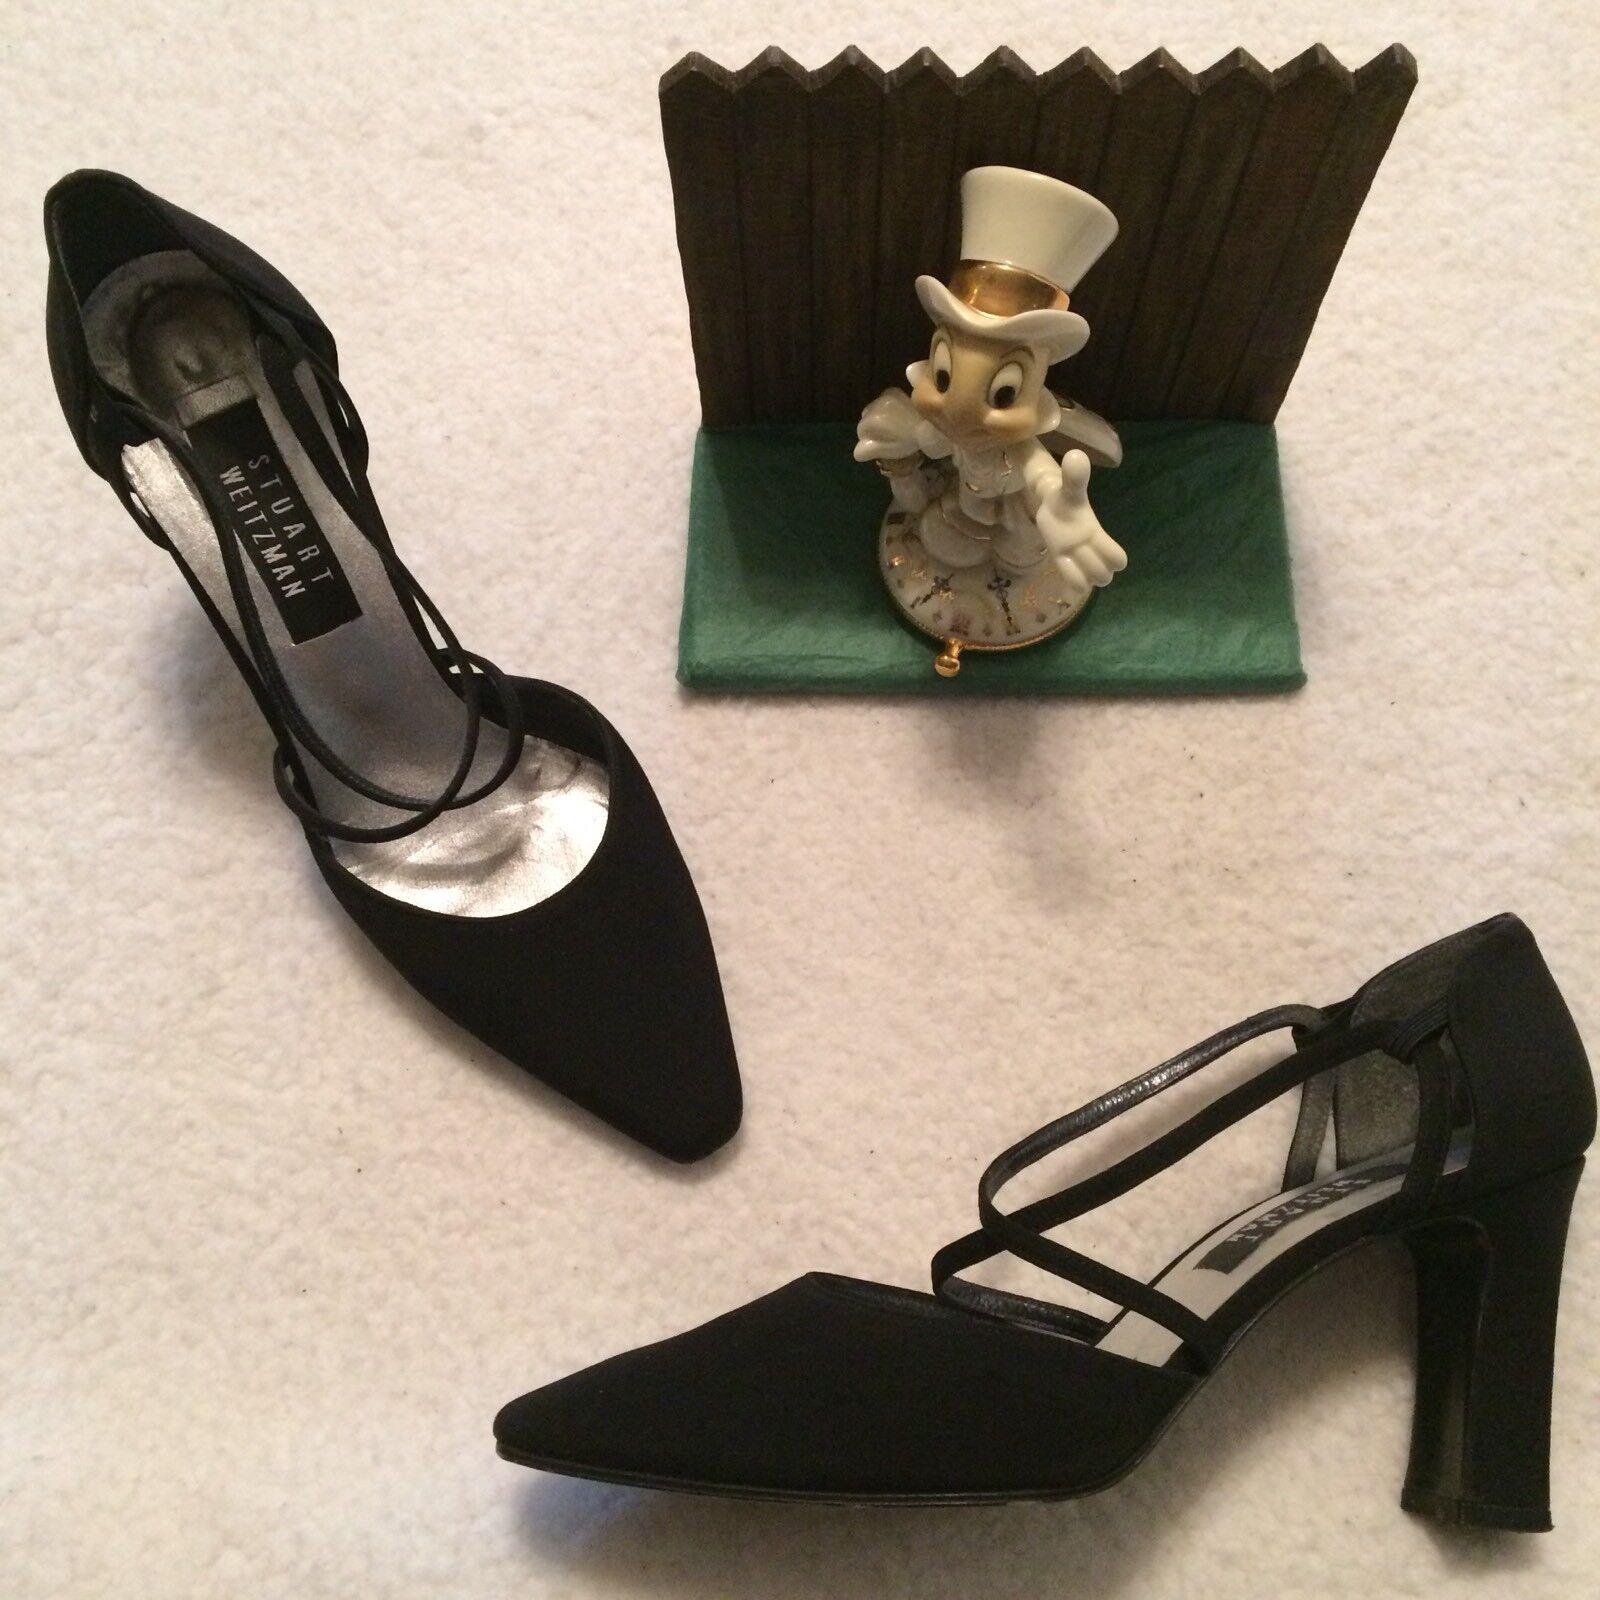 Stuart Weitzman pumps heels schwarz Größe 8.5 M J201125 Minimal Wear